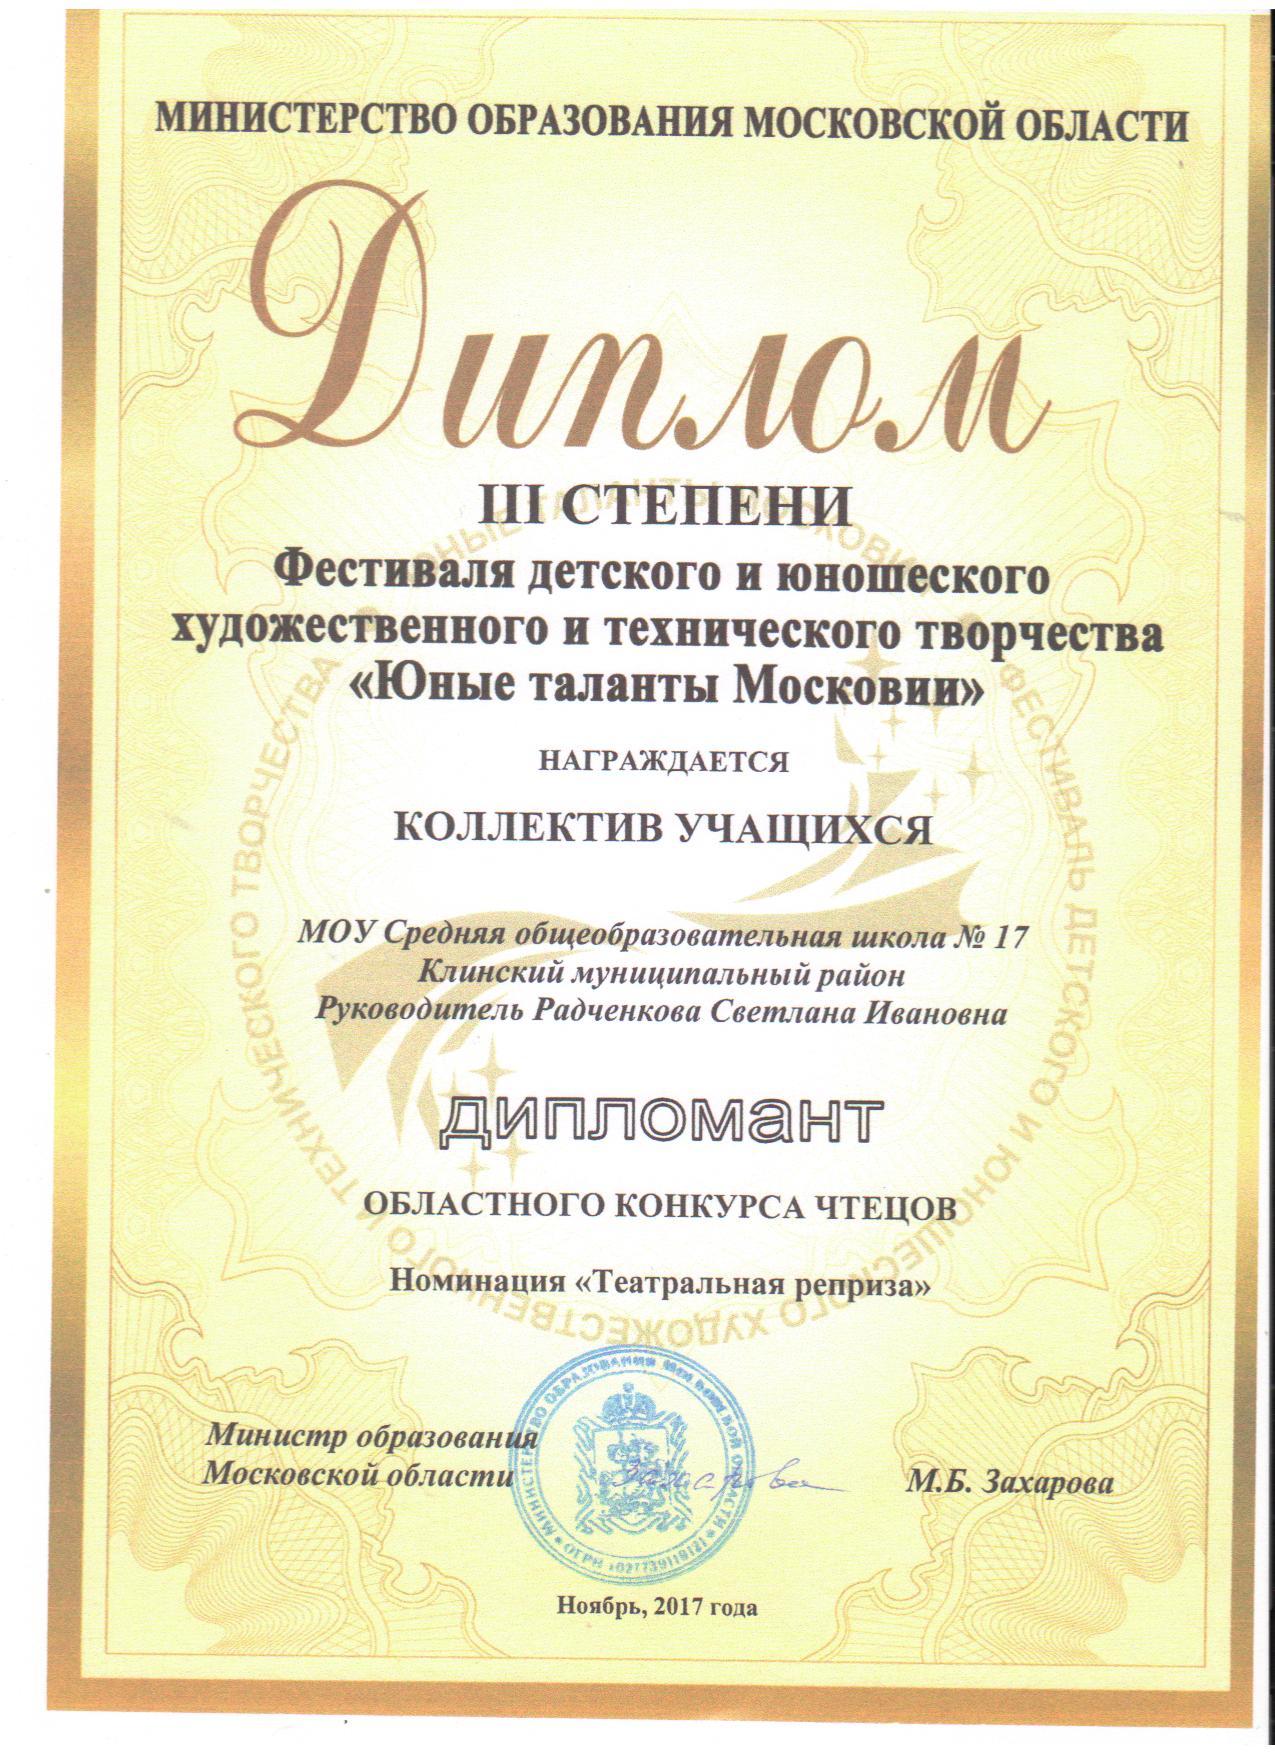 диплом1 002